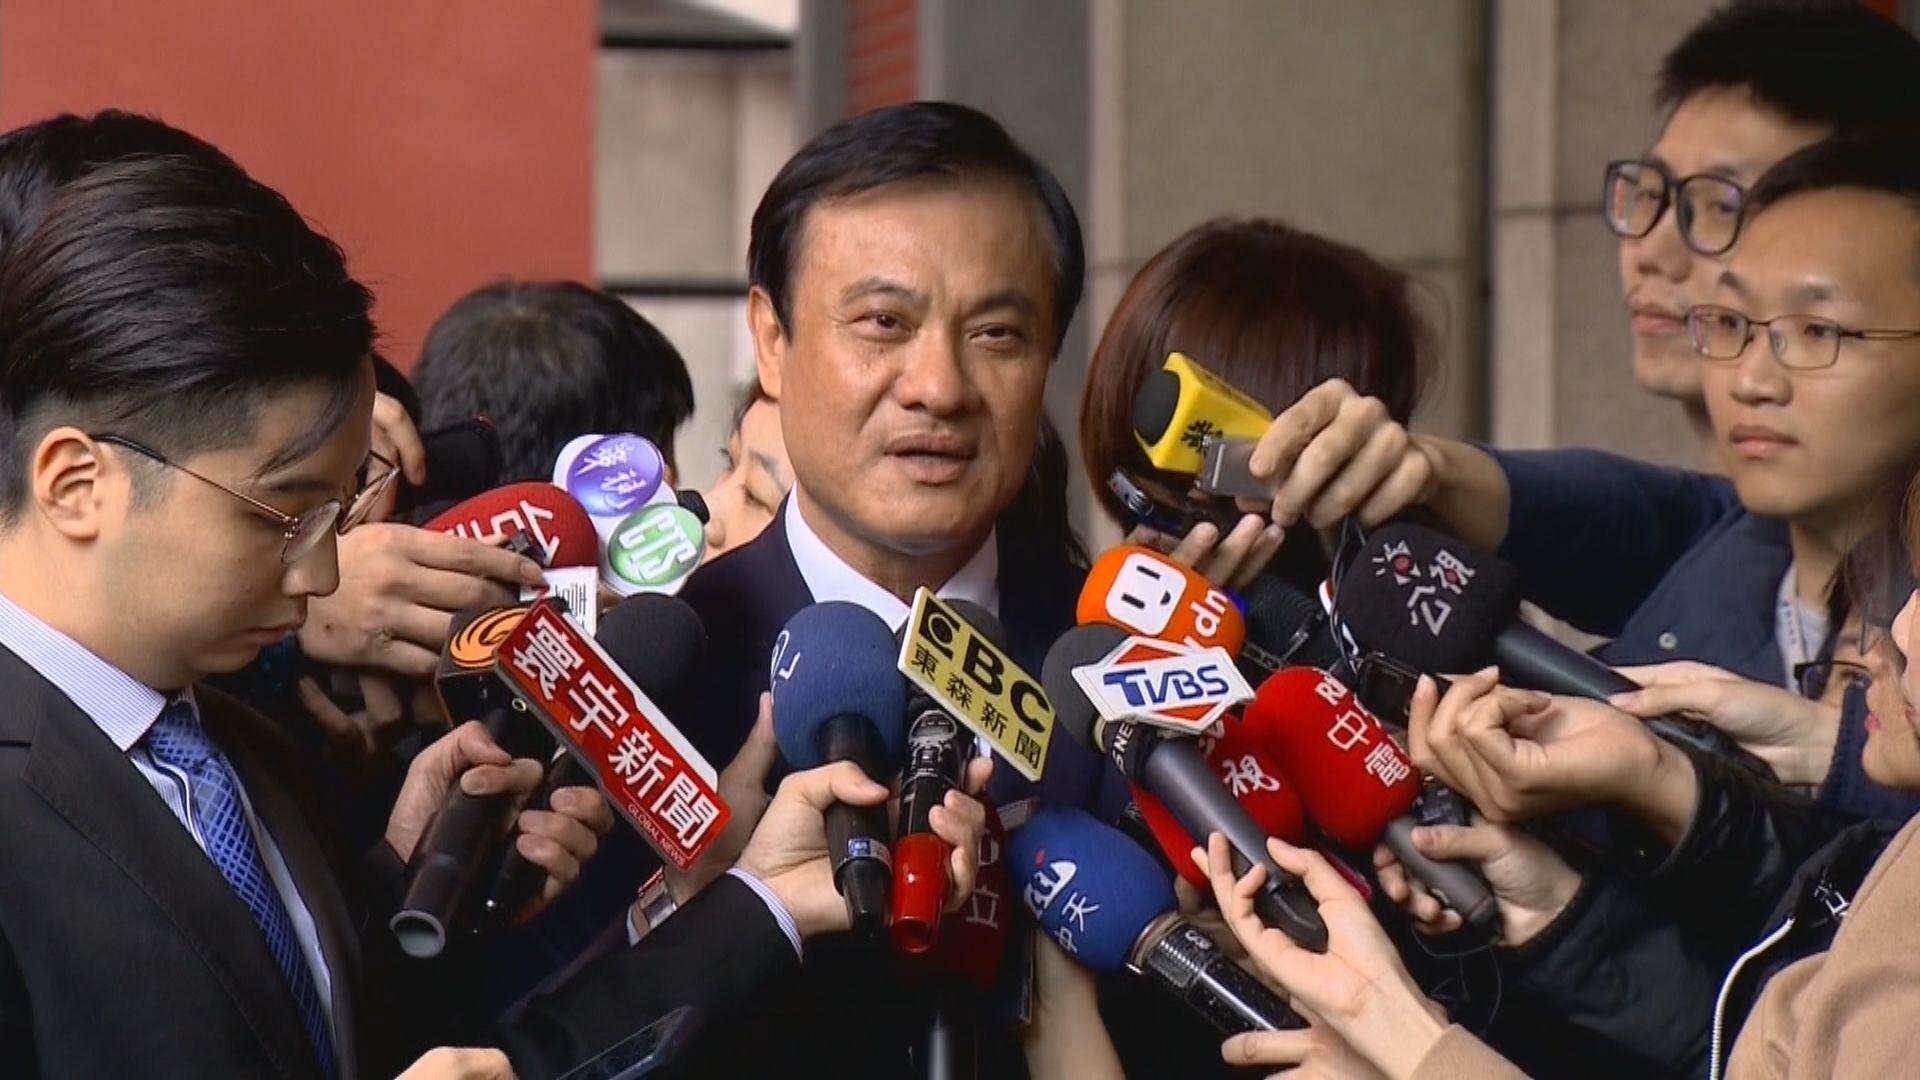 民進黨:會根據涉貪案發展 適當處分蘇震清等人